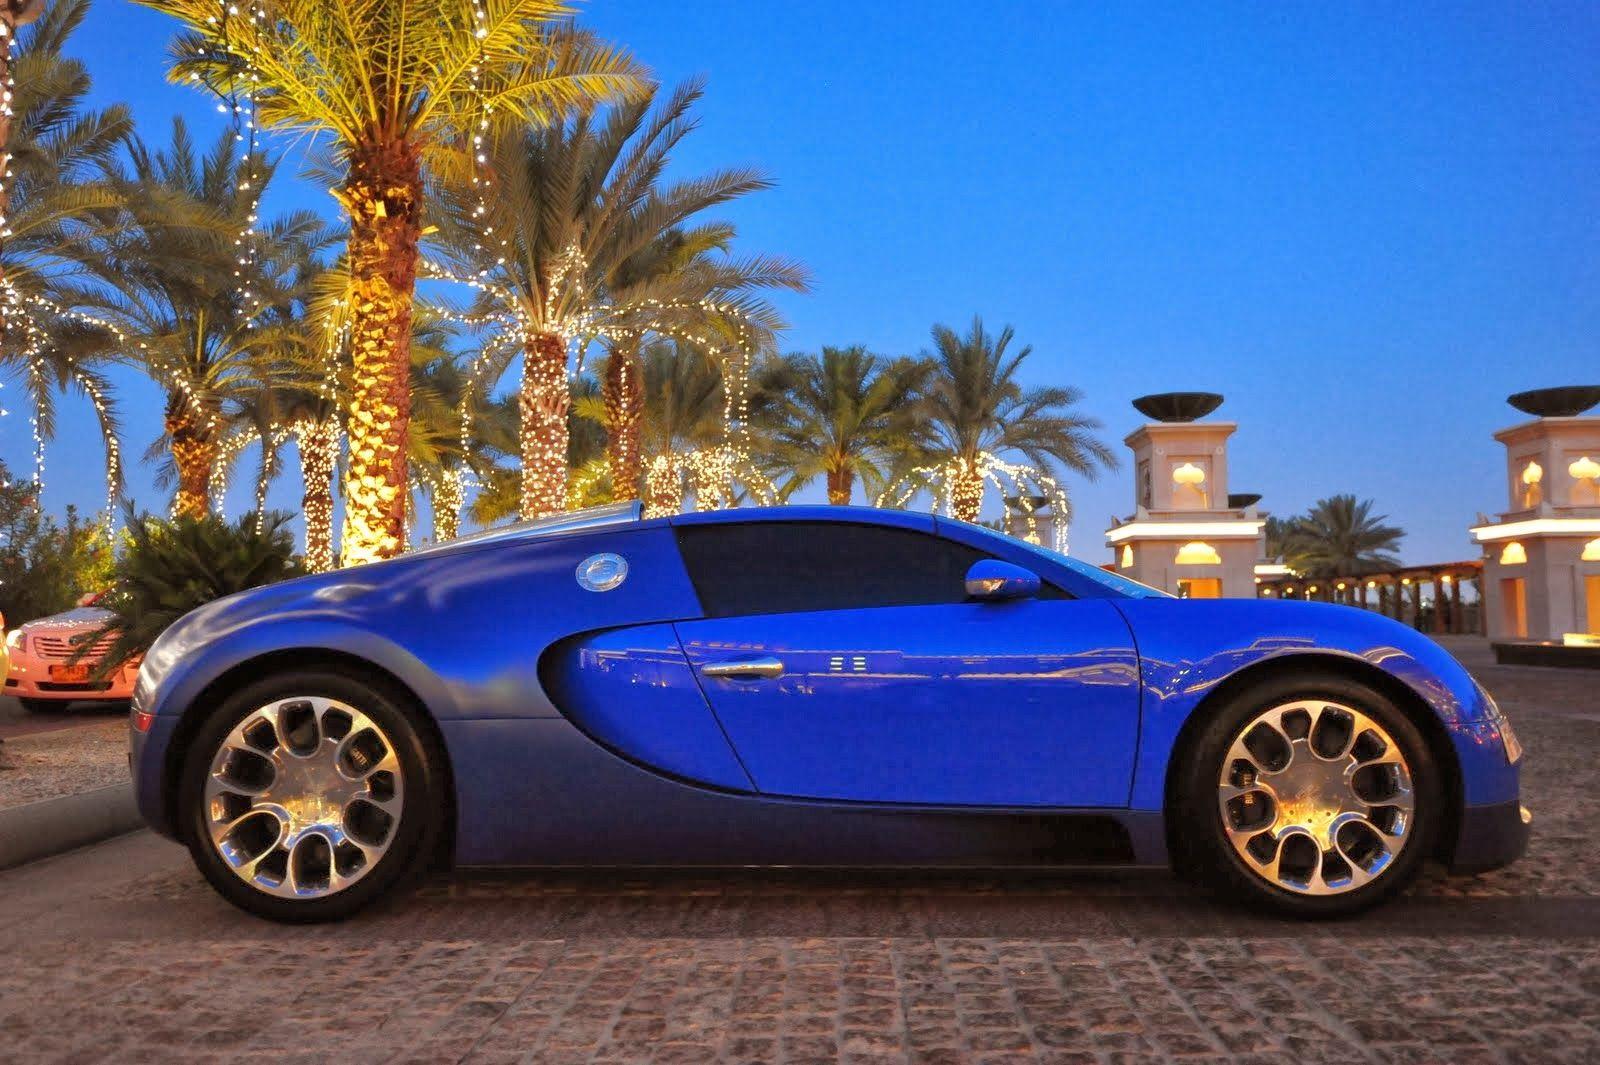 Guess This Car Dubai Luxury cars, Prestige car